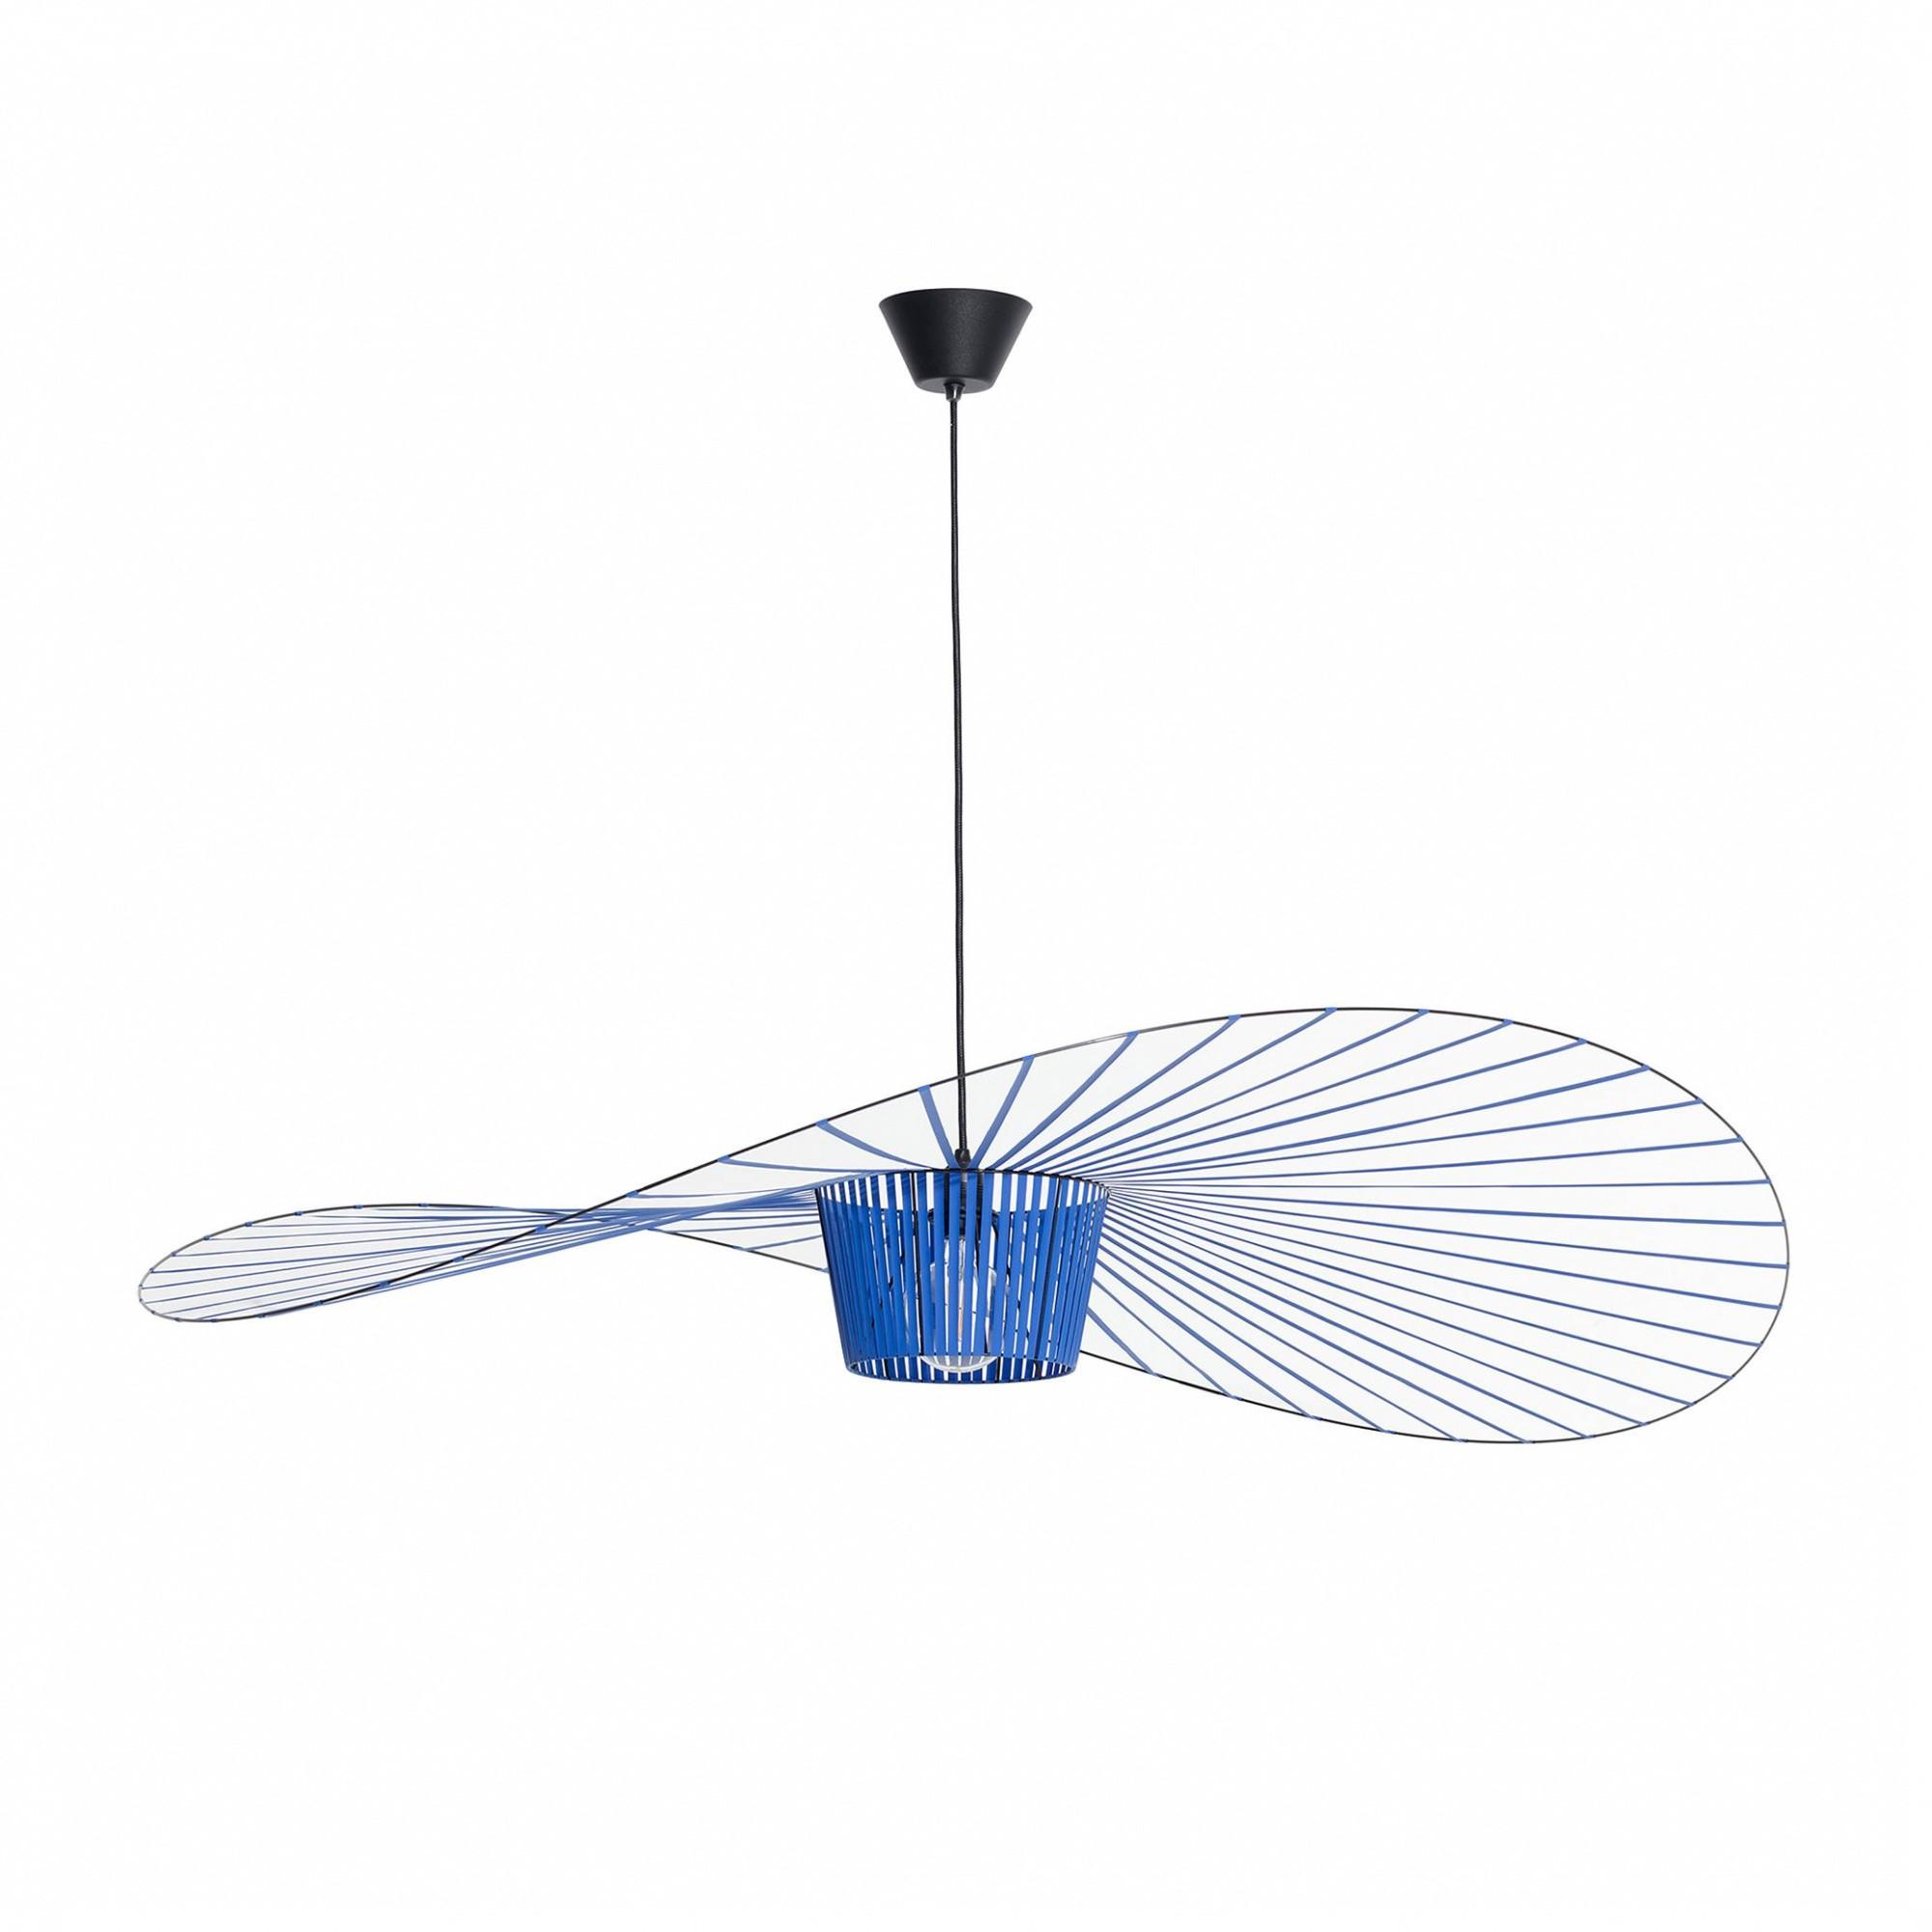 Ampoule Vertigo Petite Friture suspension vertigo s